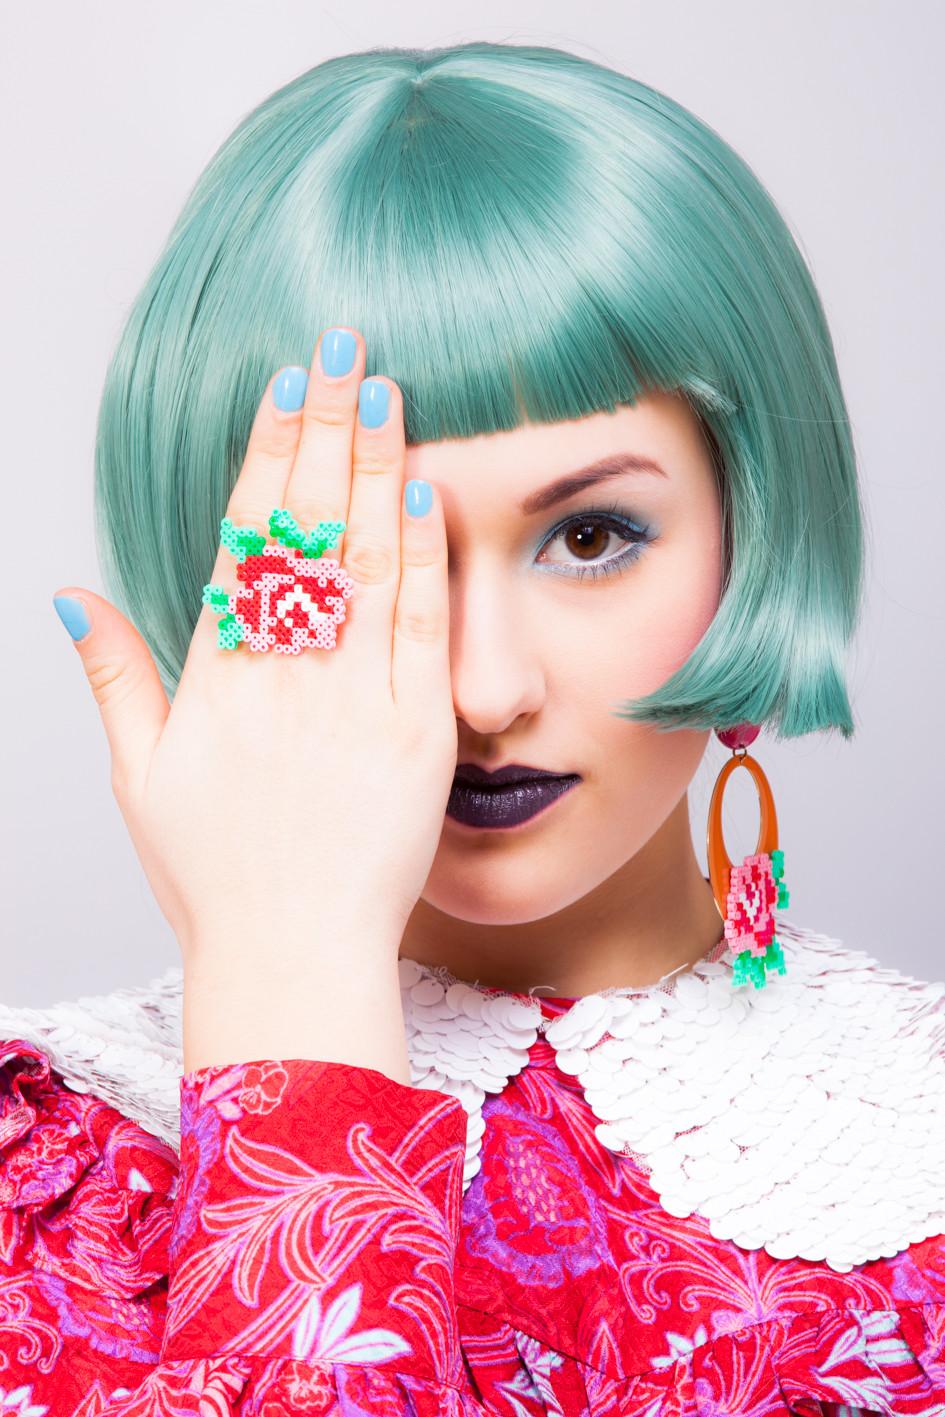 Styling Beauty Stefanie Fissel